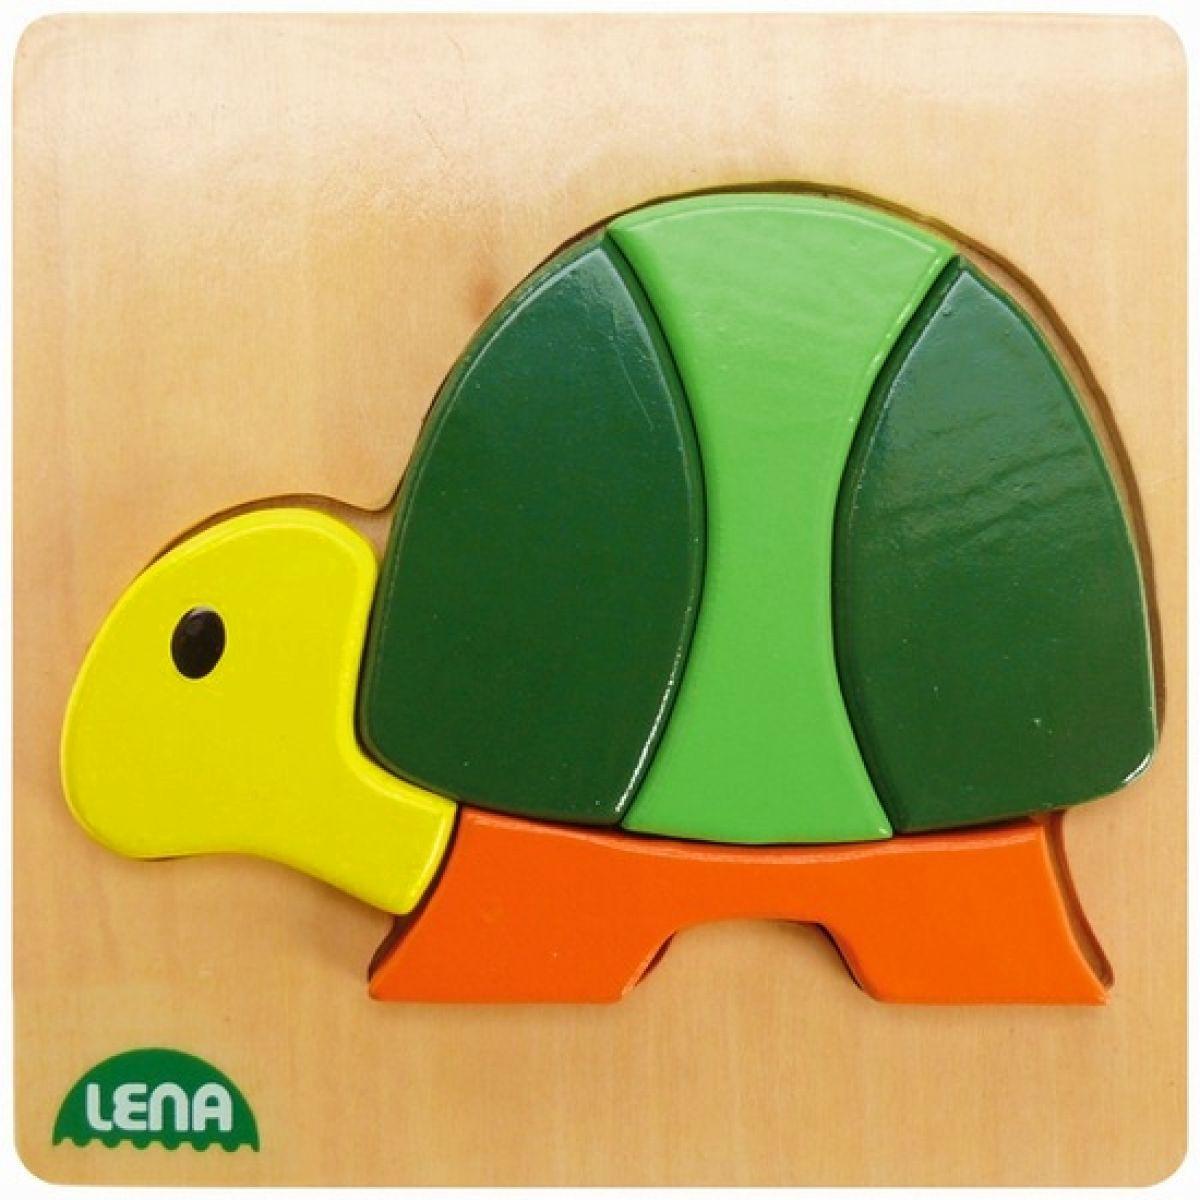 LENA 32063 - Dřevěné puzzle, želva